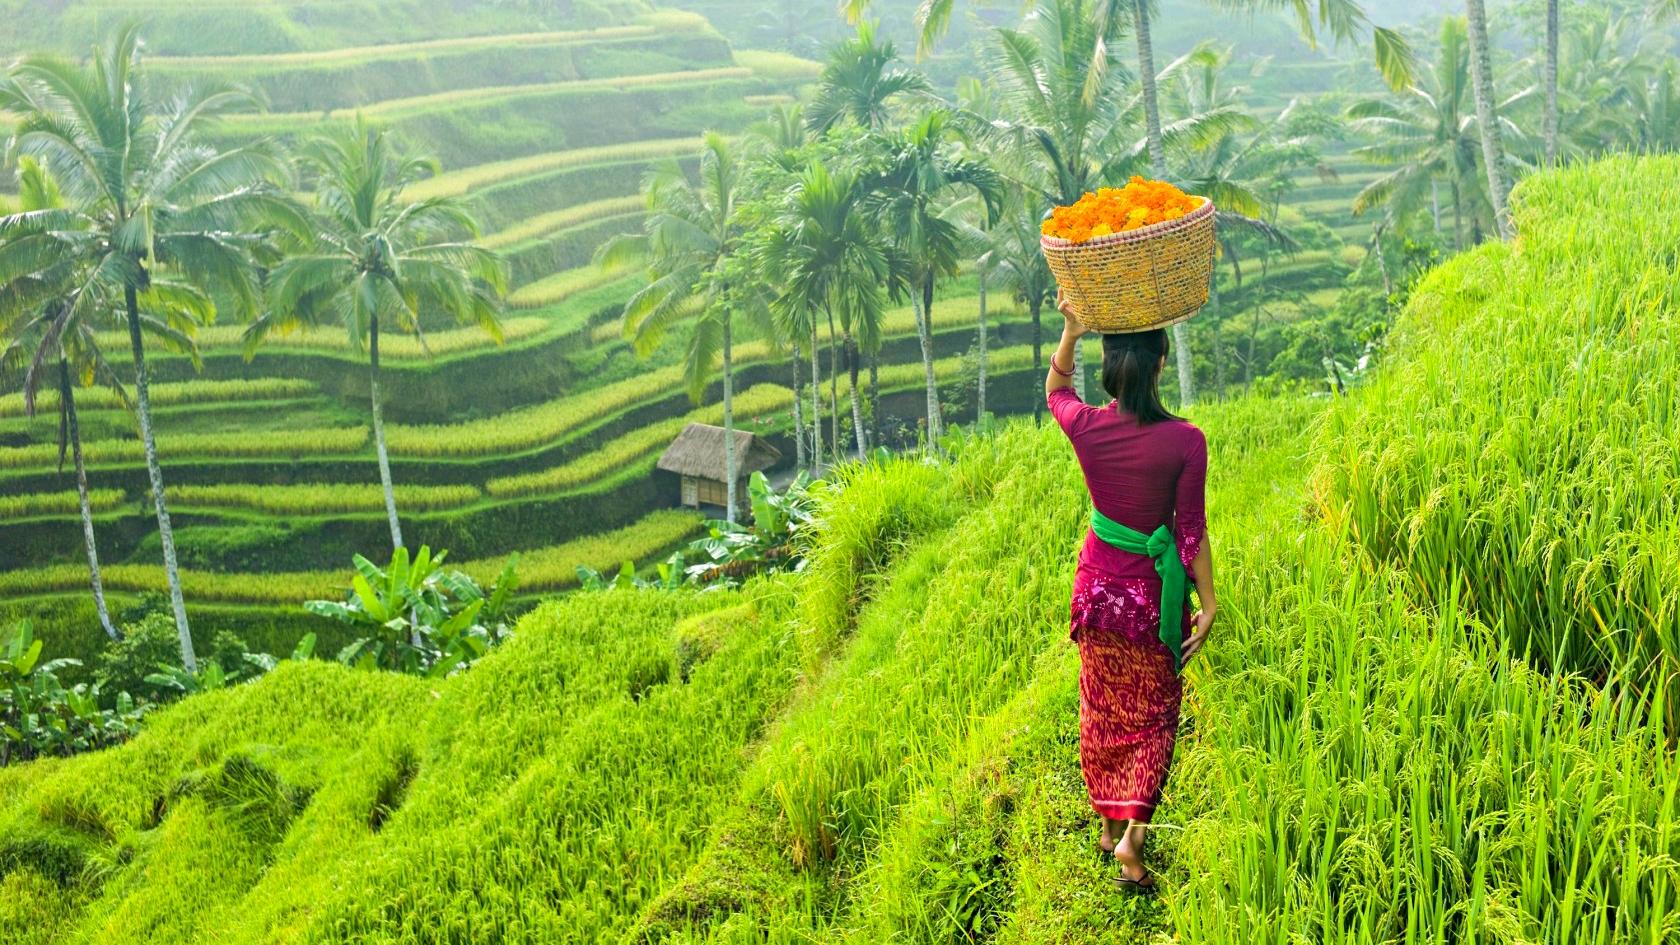 Desa Wisata Di Indonesia, Strategi Dan Perkembangannya